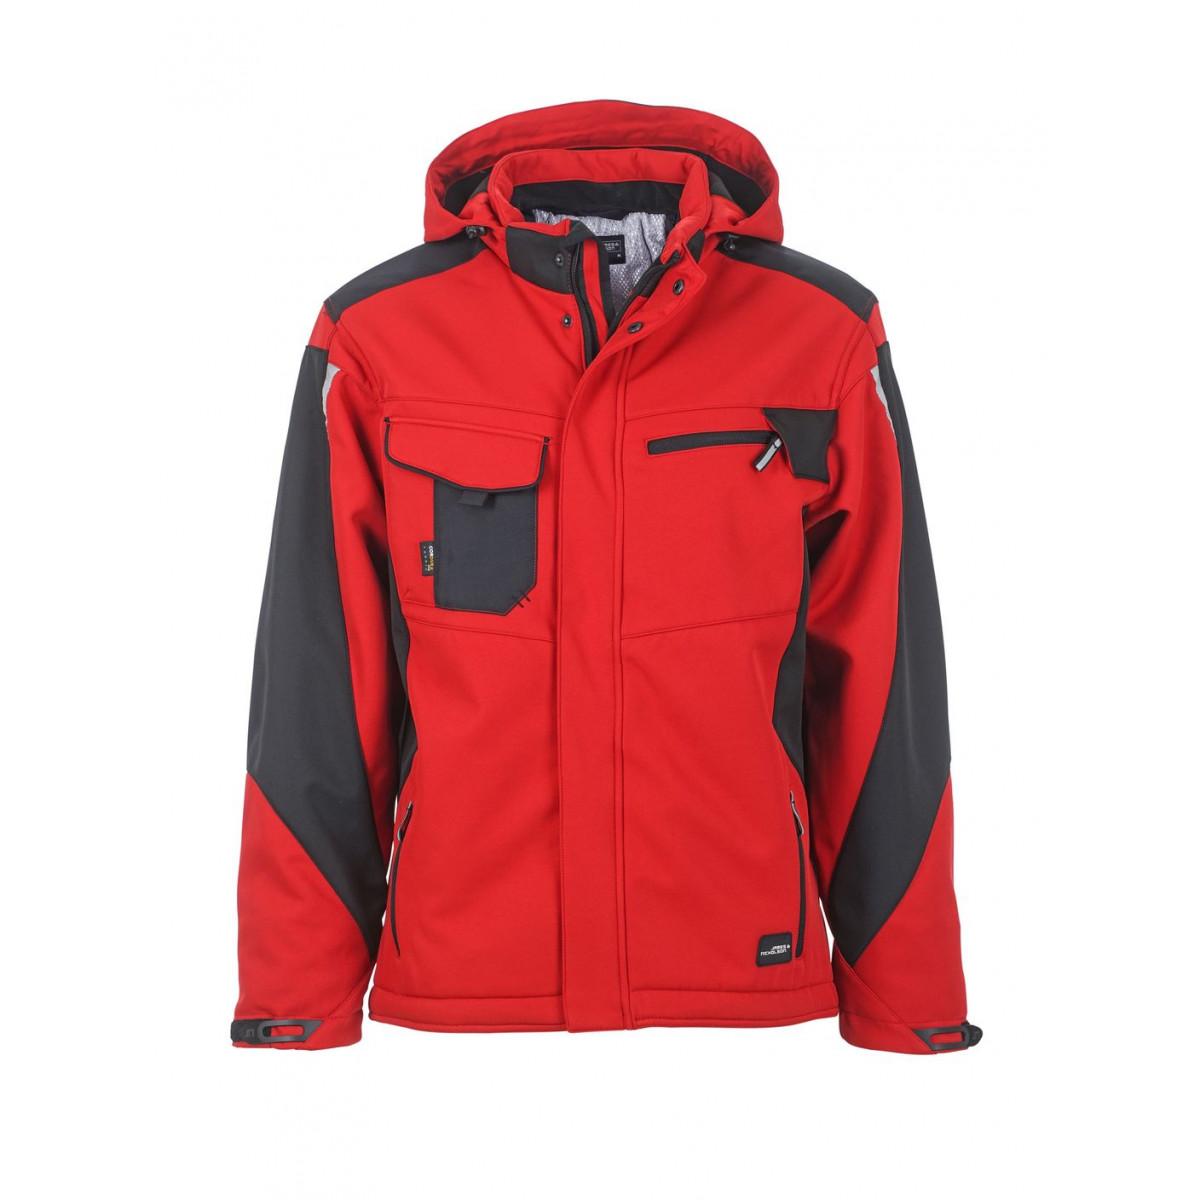 Куртка мужская JN824 Craftsmen Softshell Jacket - Красный/Черный